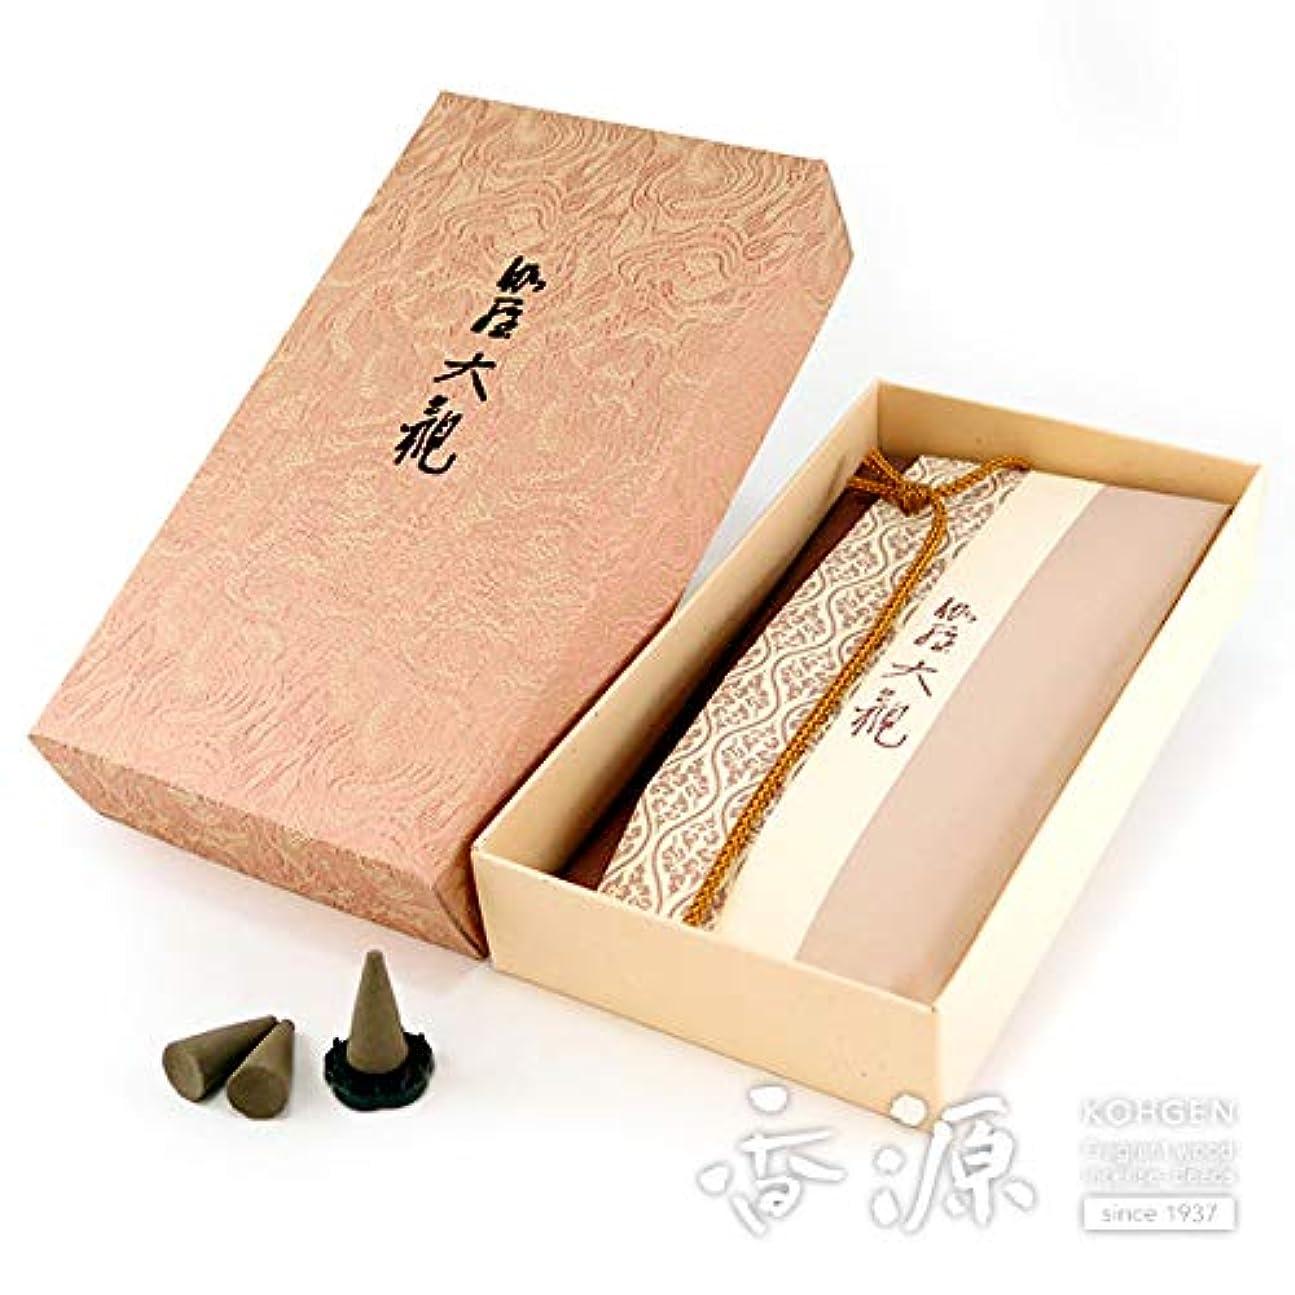 流空看板日本香堂のお香 伽羅大観 コーン型 24個入